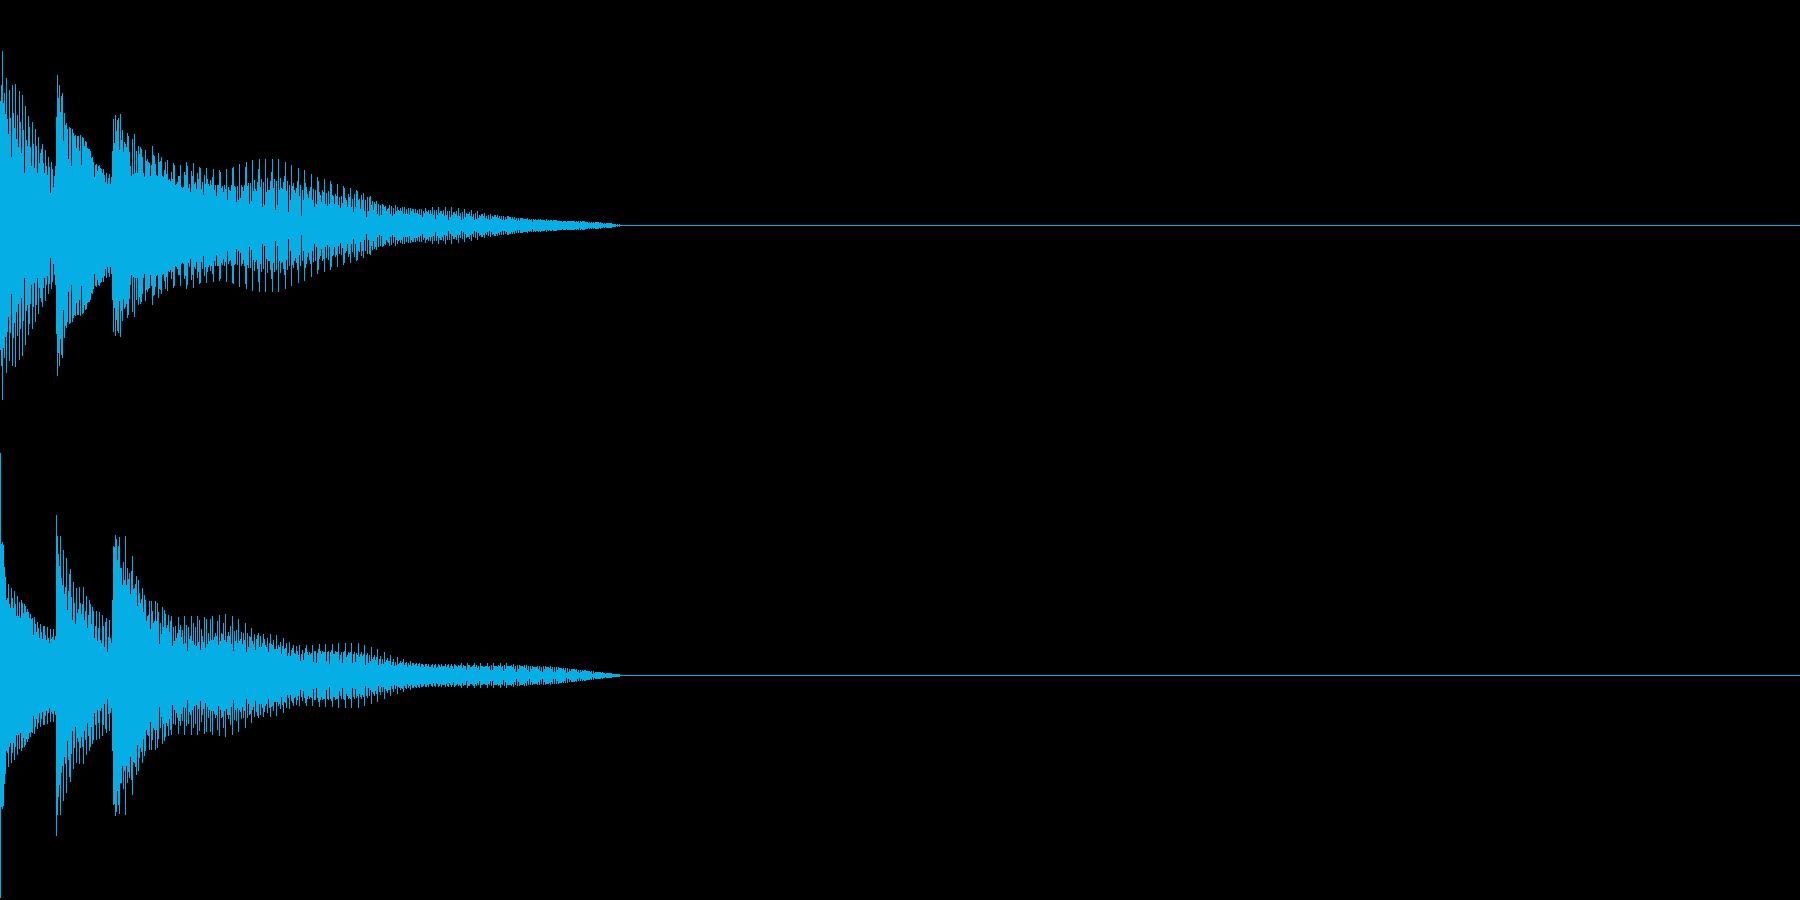 Cursor セレクト・カーソルの音10の再生済みの波形